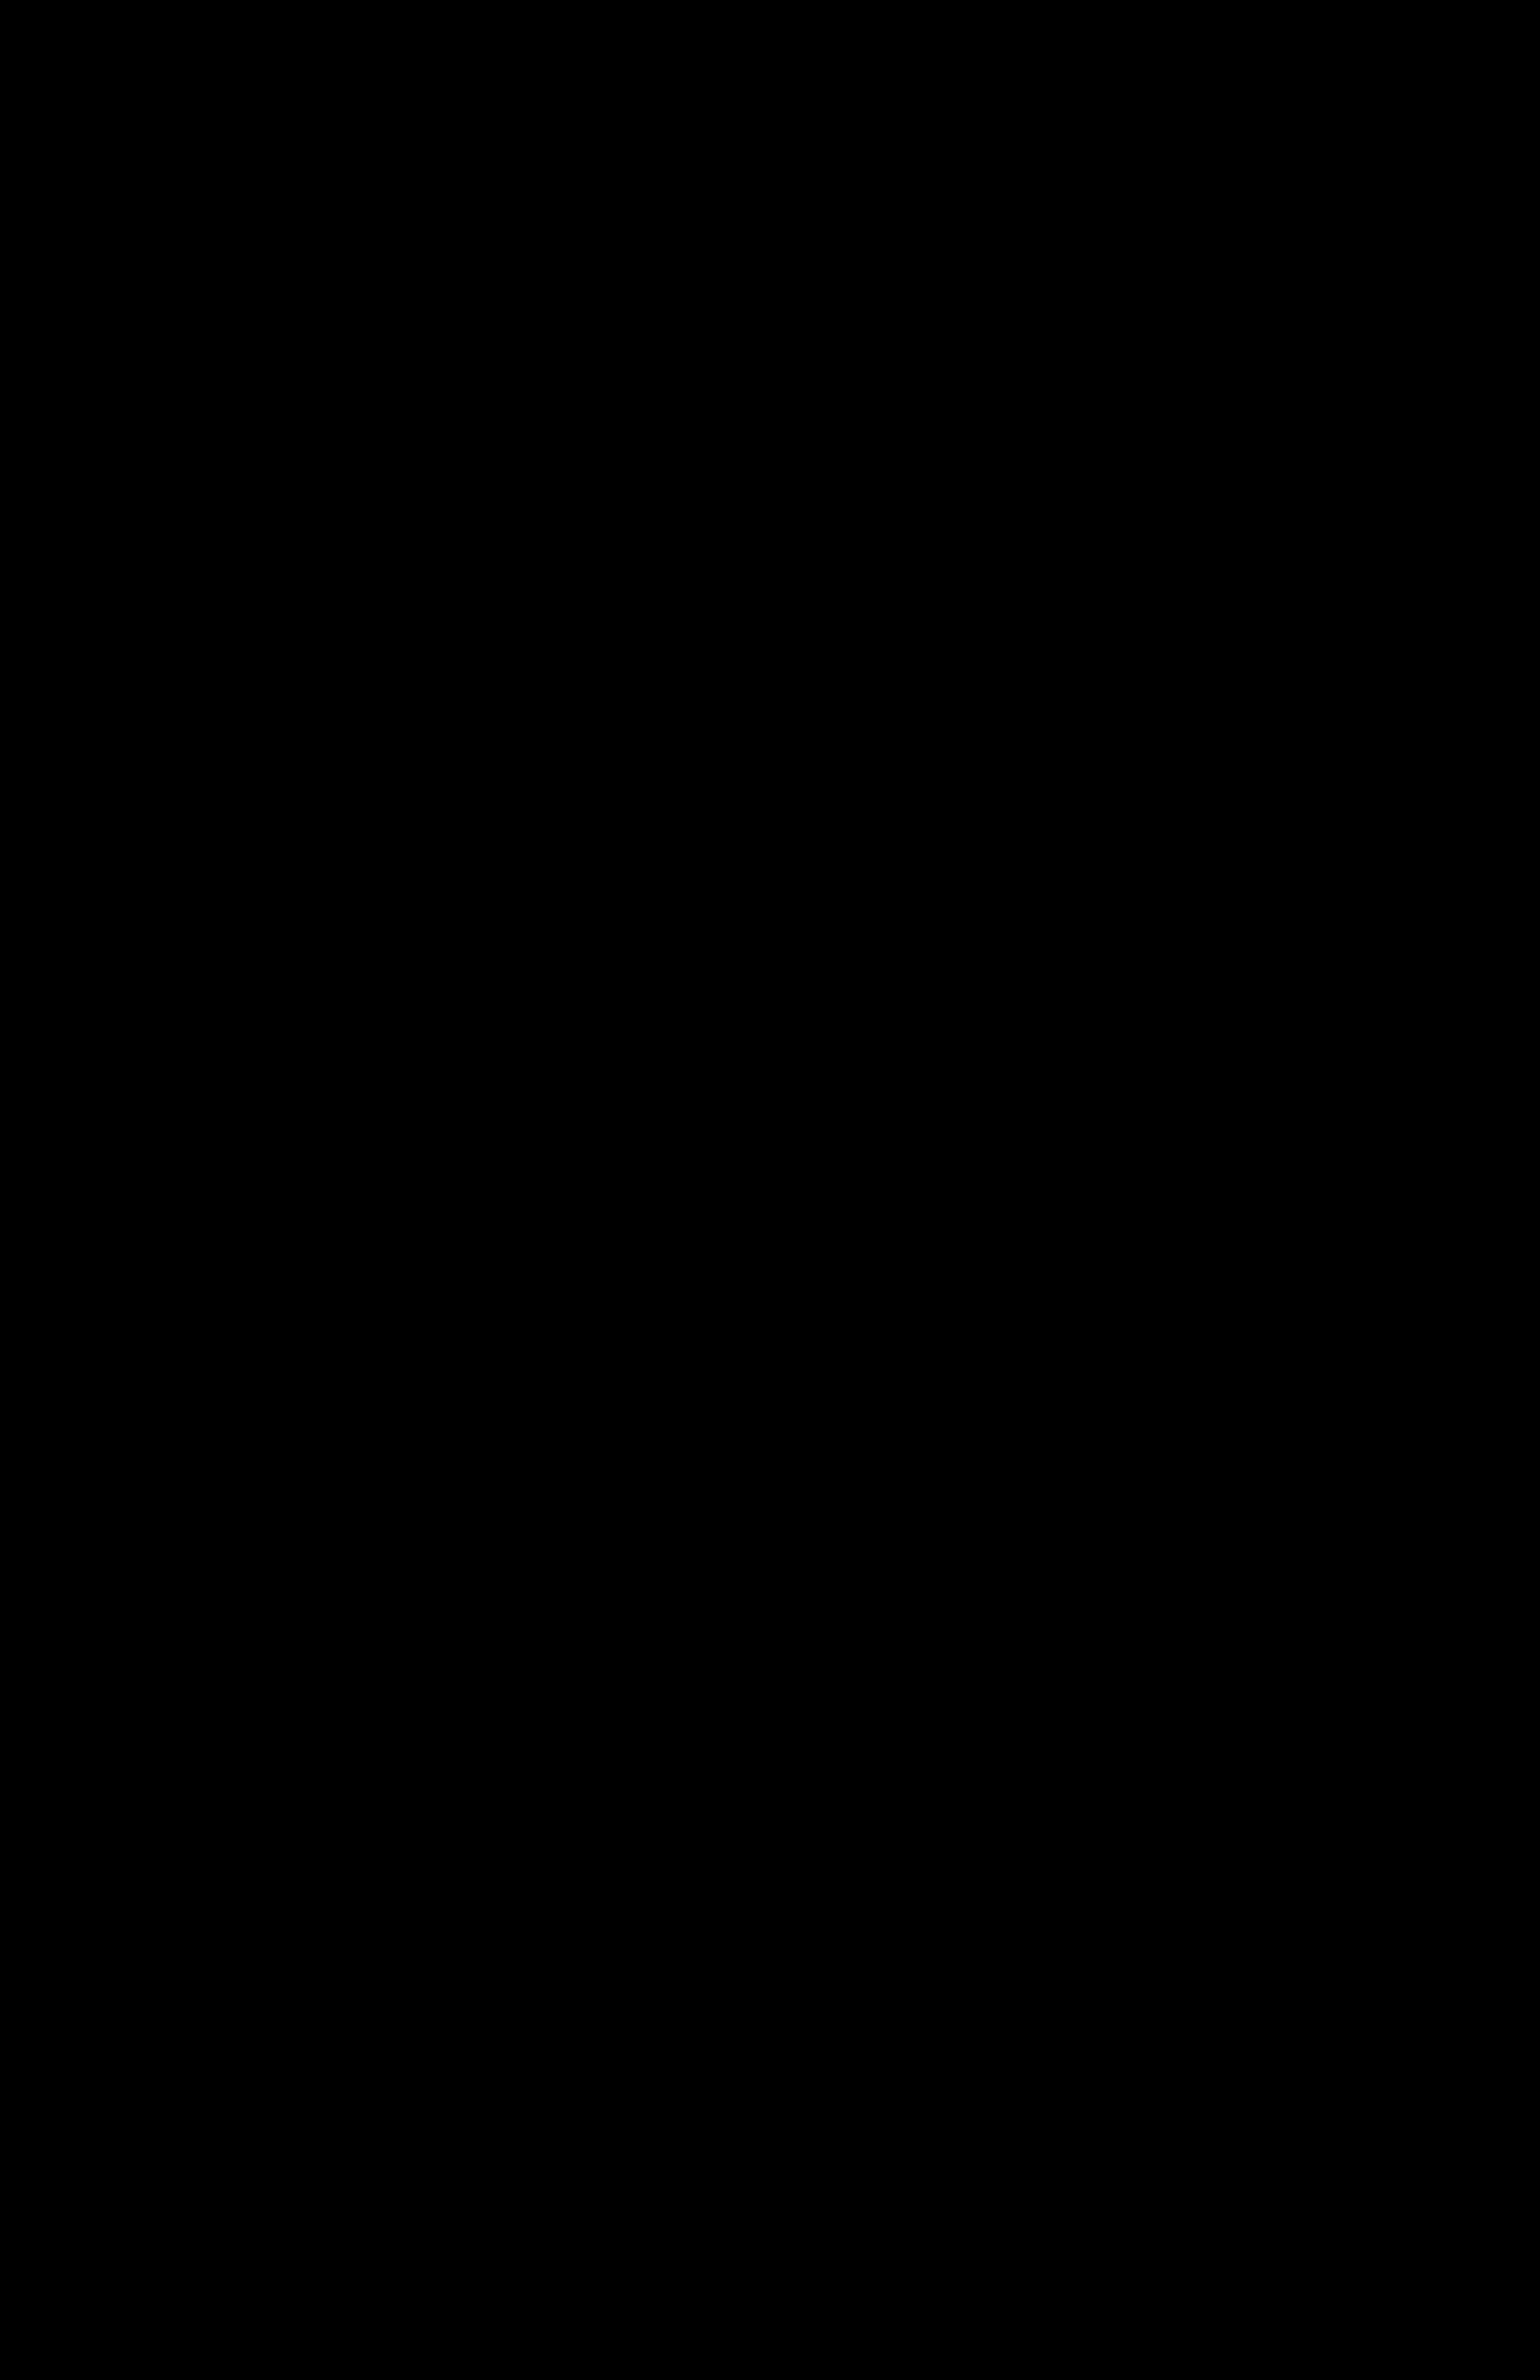 Poster design using gimp - Jason Baltimore Comic Con4